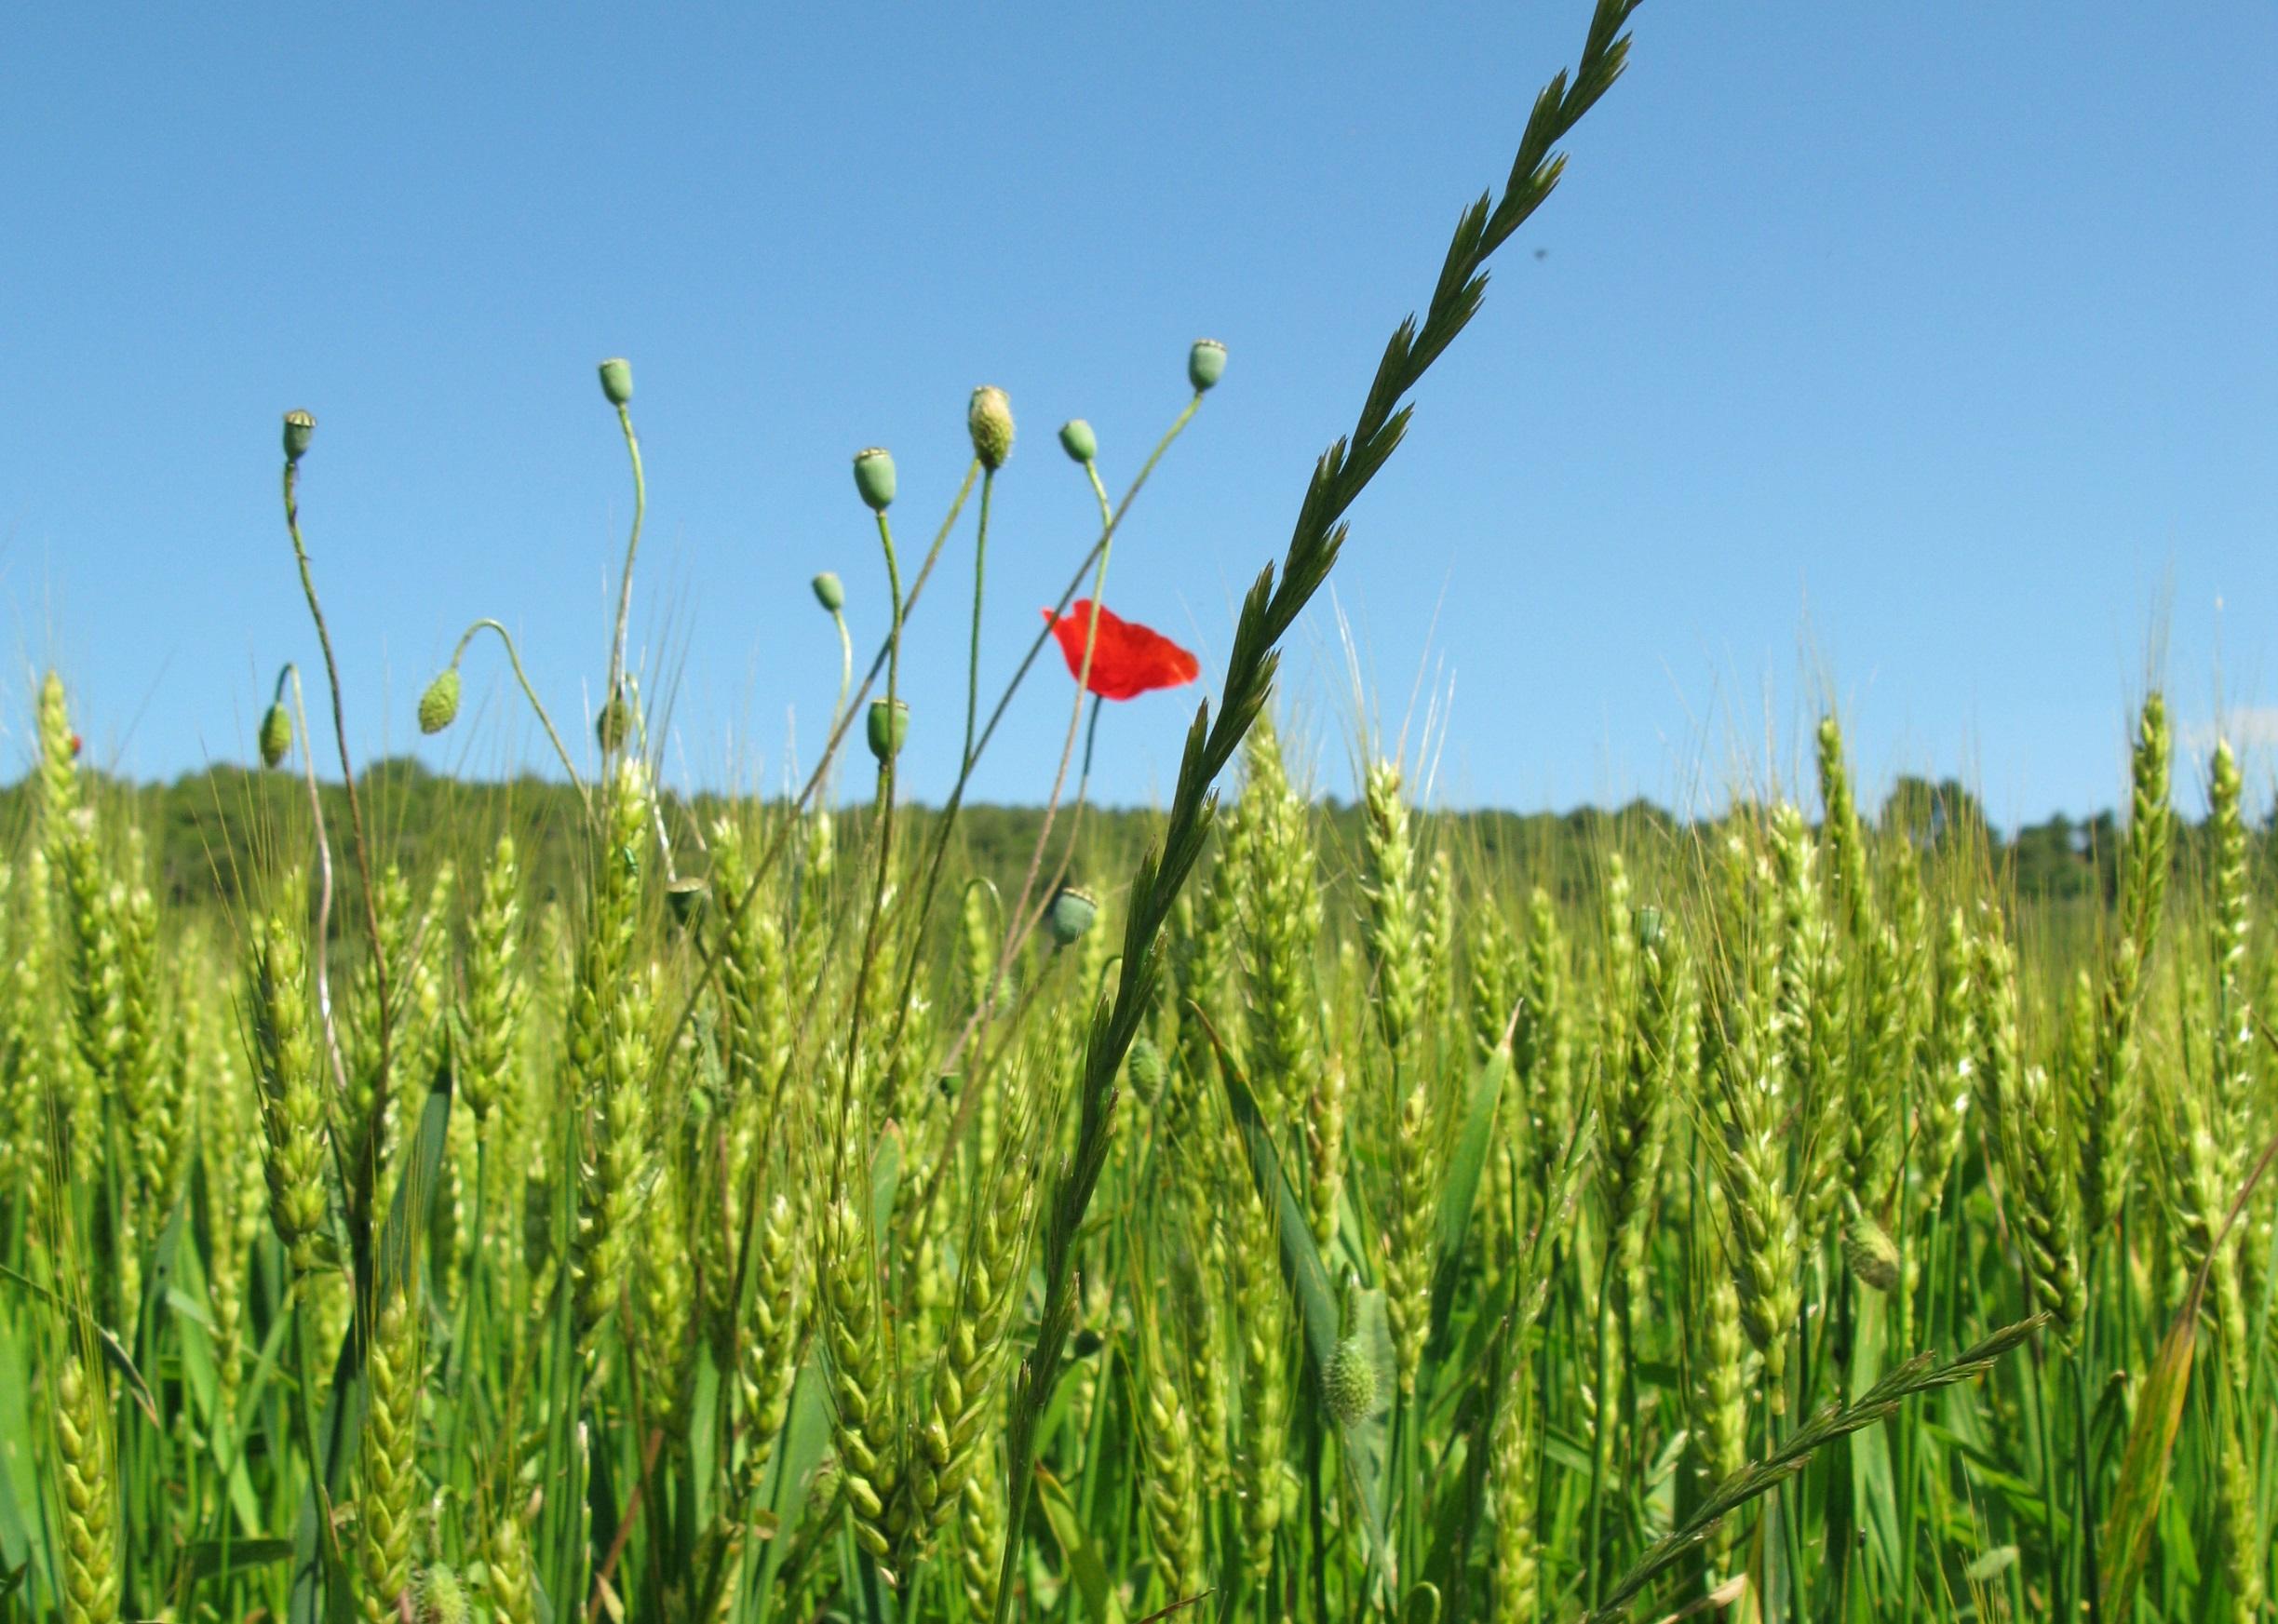 La influència de la fertilització sobre les males herbes